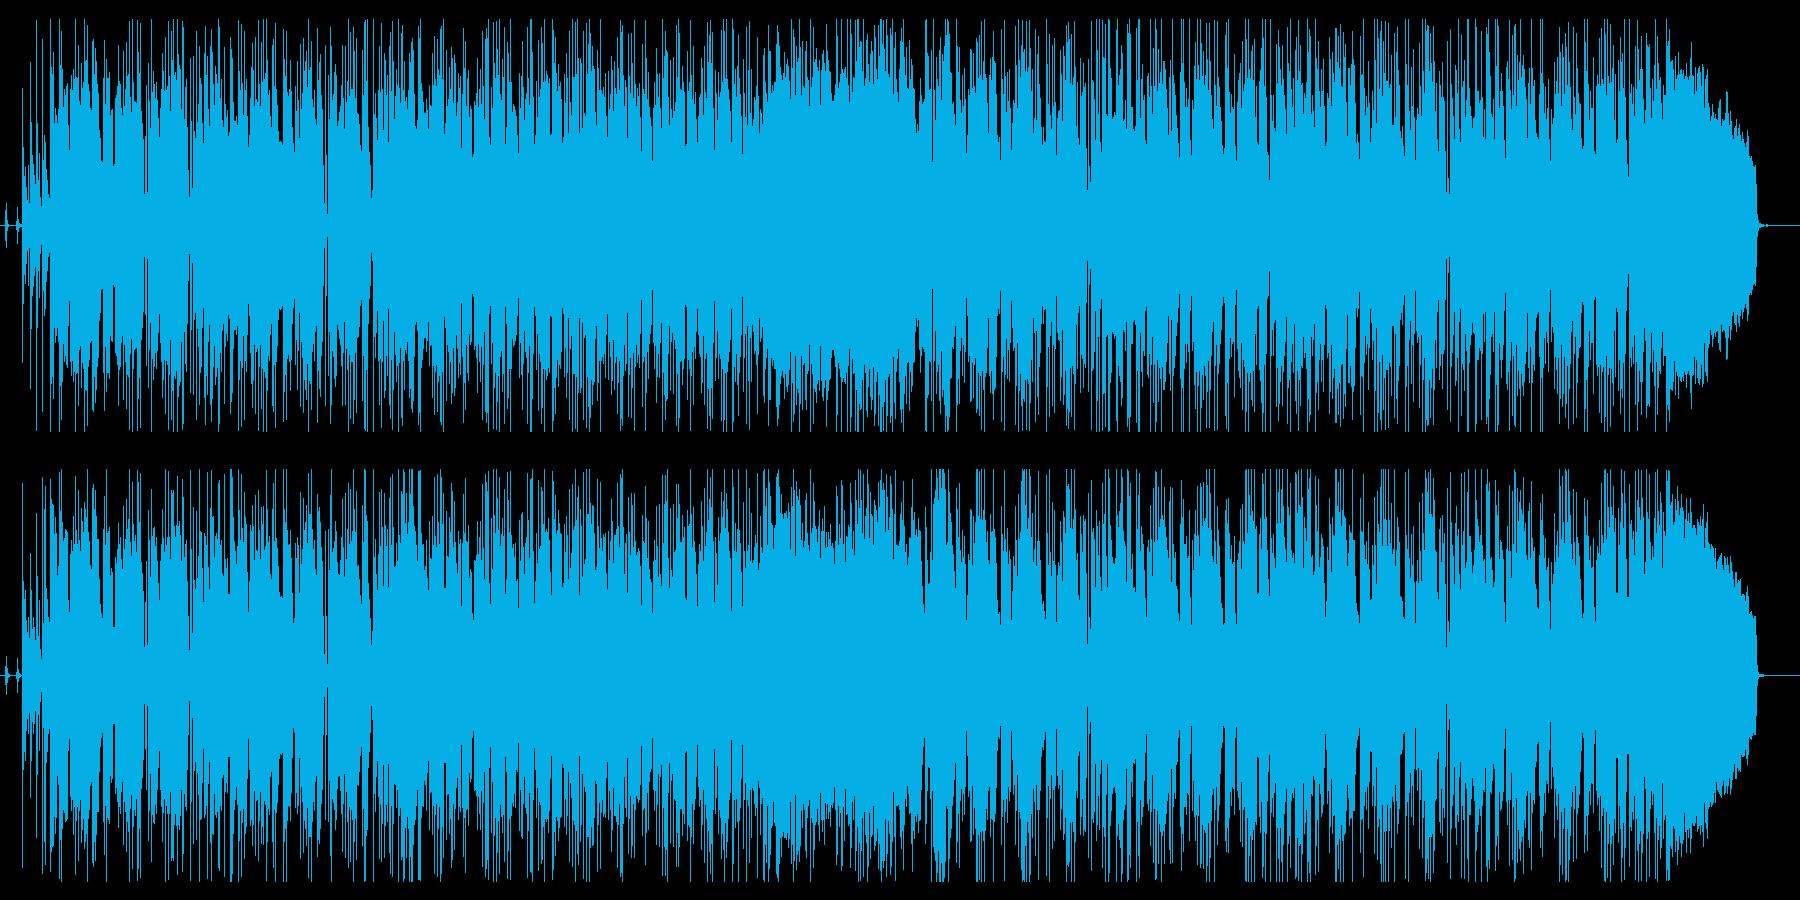 テンション感のあるベースラインのインストの再生済みの波形